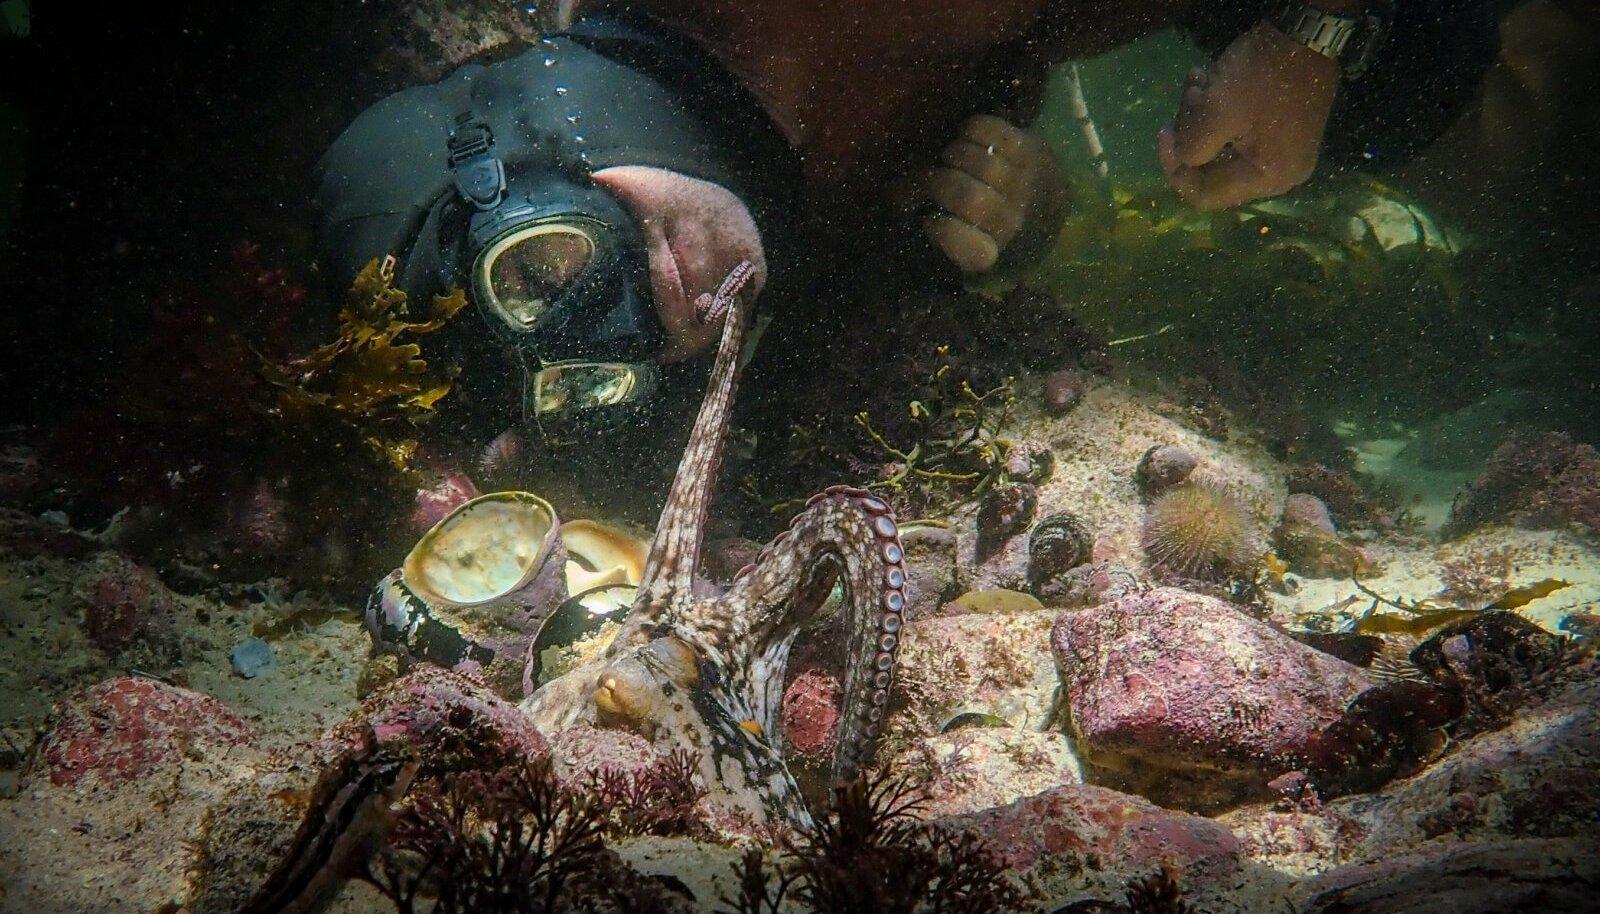 KAKS VÕLUVAT PEATEGELAST: Masendunud filmitegija Craig Foster ja tema sõber, tavaline kaheksajalg.